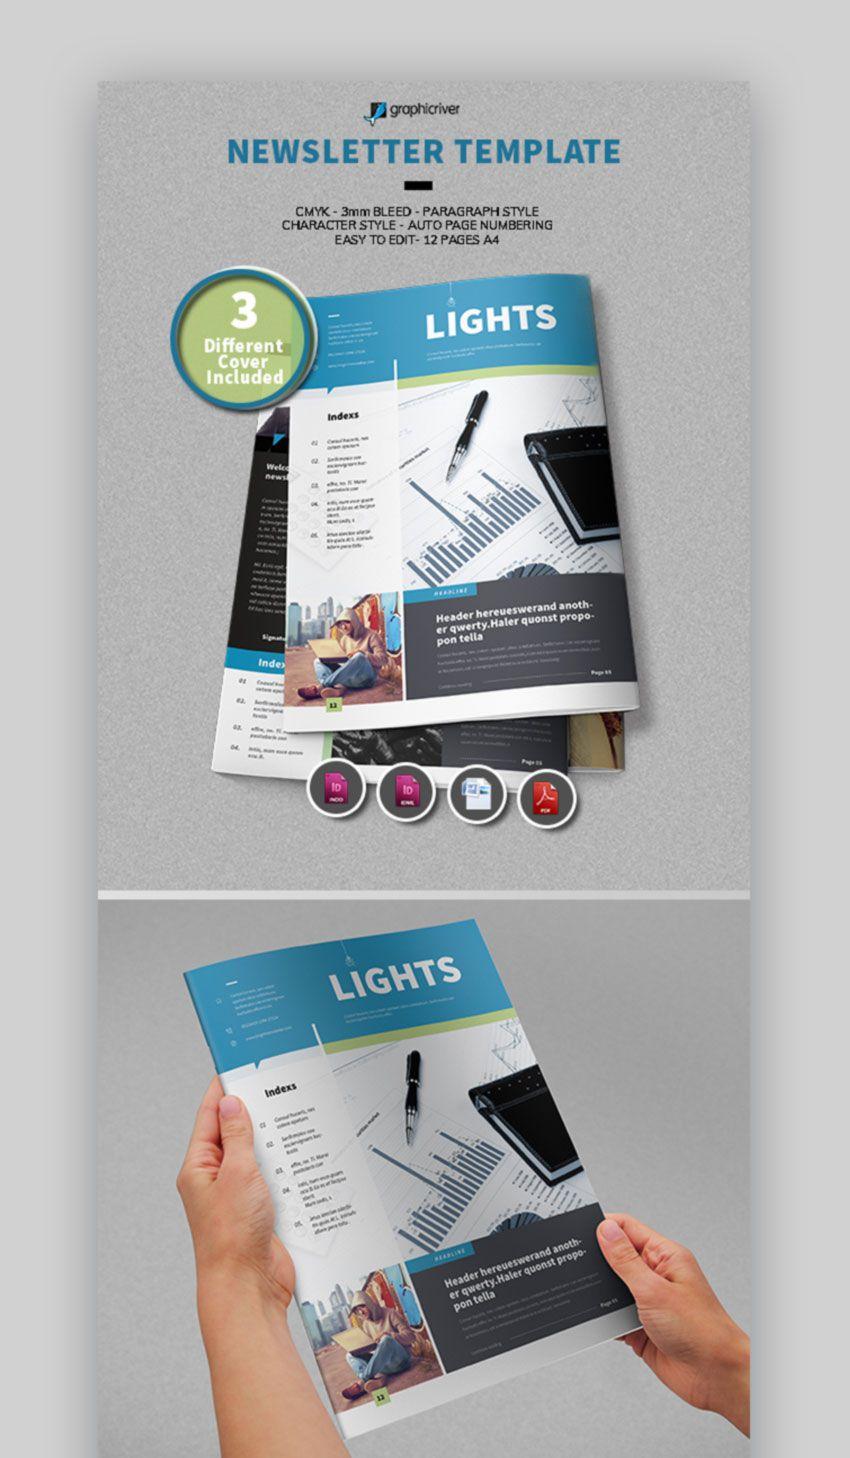 006 Astounding Microsoft Office Newsletter Template Image  Templates Publisher 365 OnlineFull